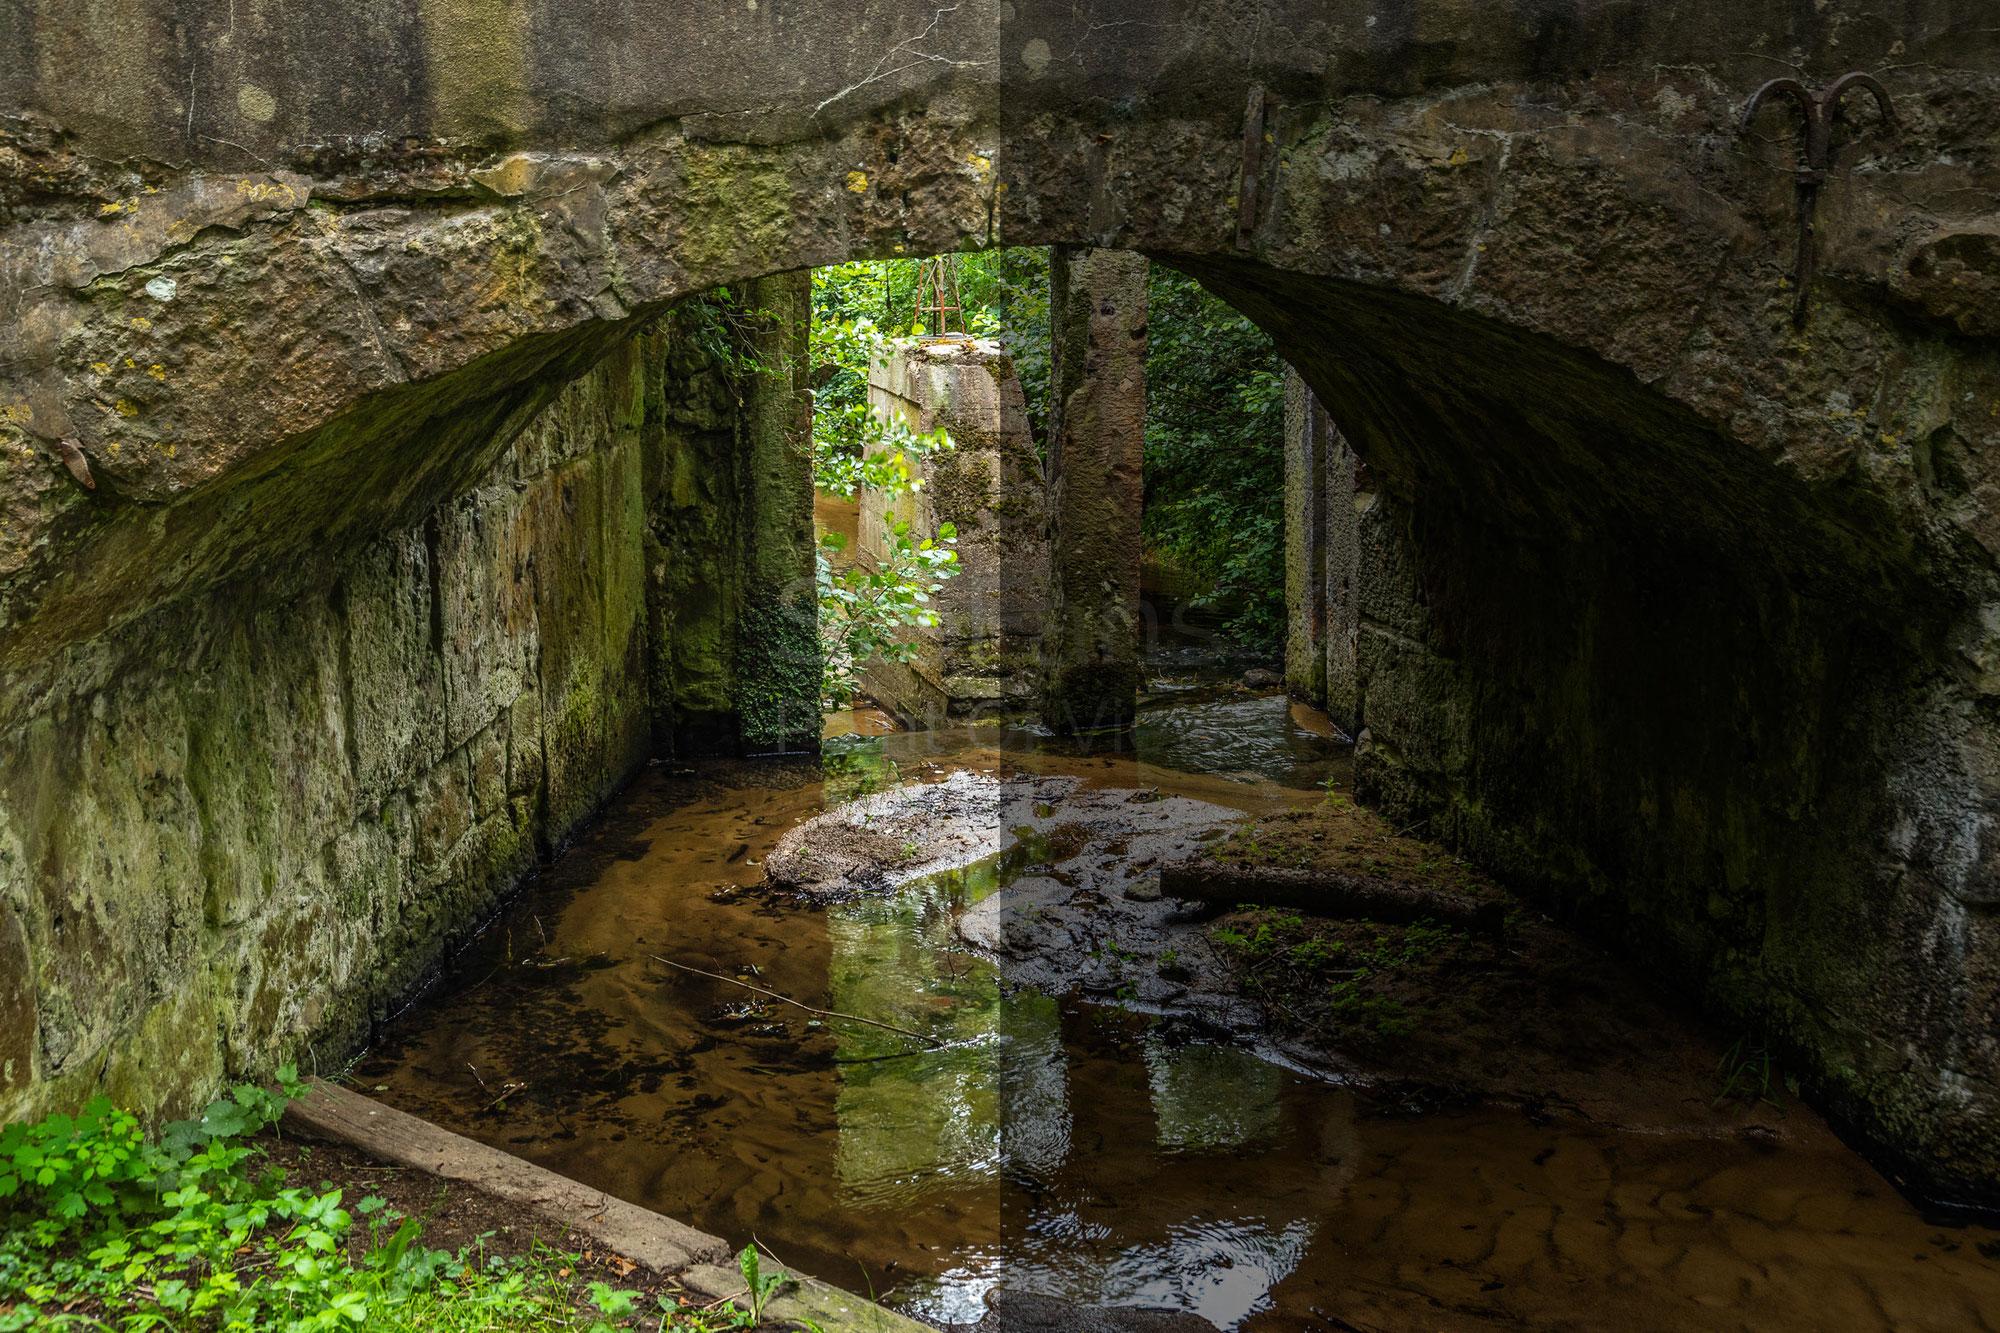 Fotografie für Anfänger - Der nächste Schritt